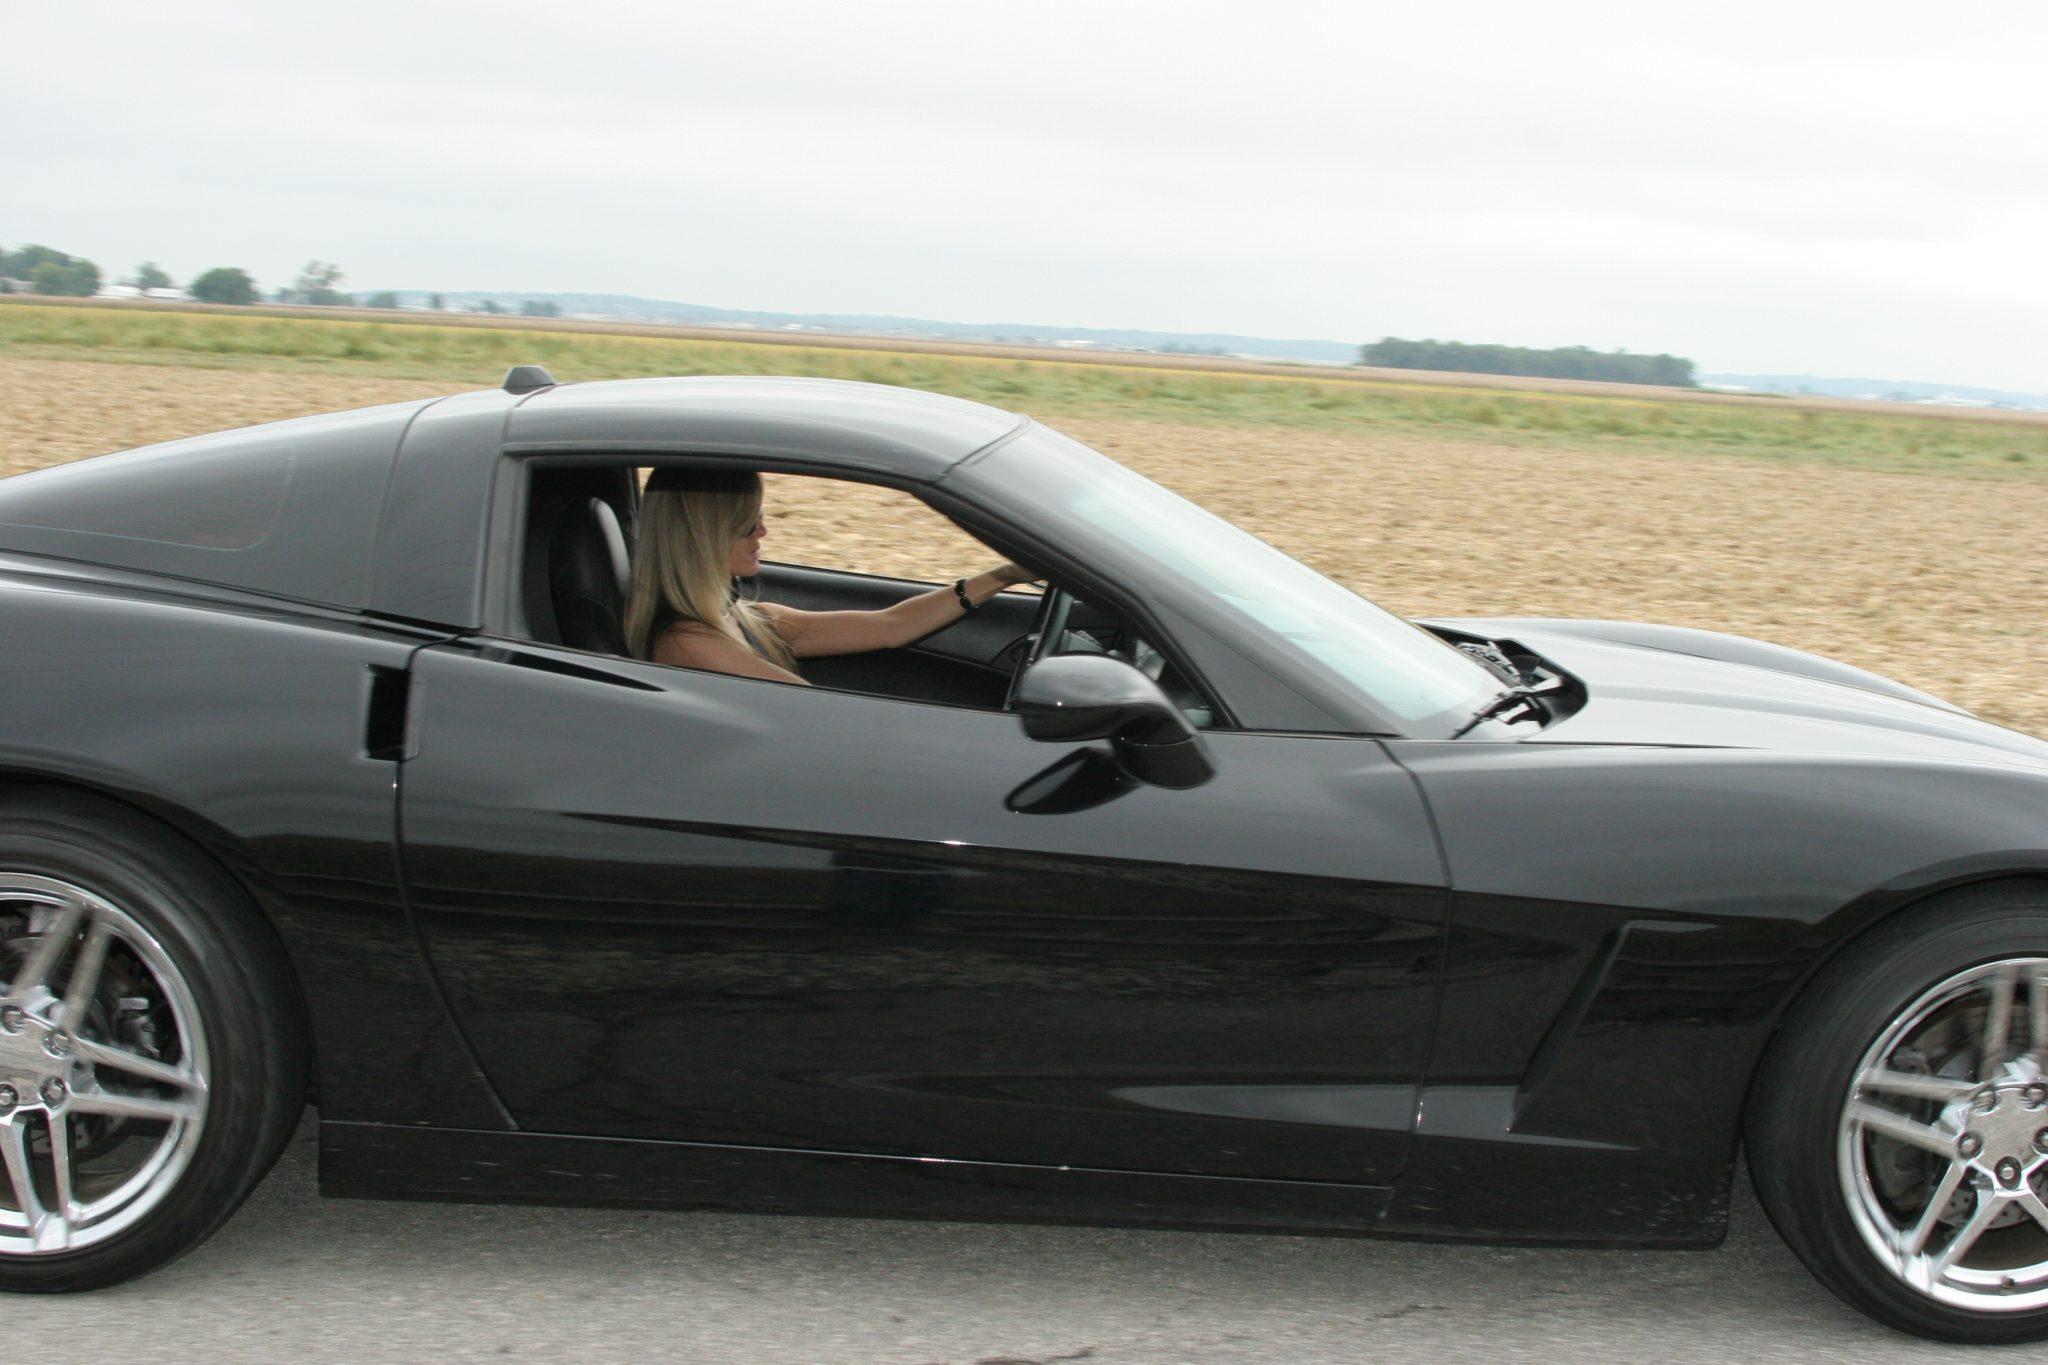 2005 Chevrolet Corvette Chevrolet Supercars Net